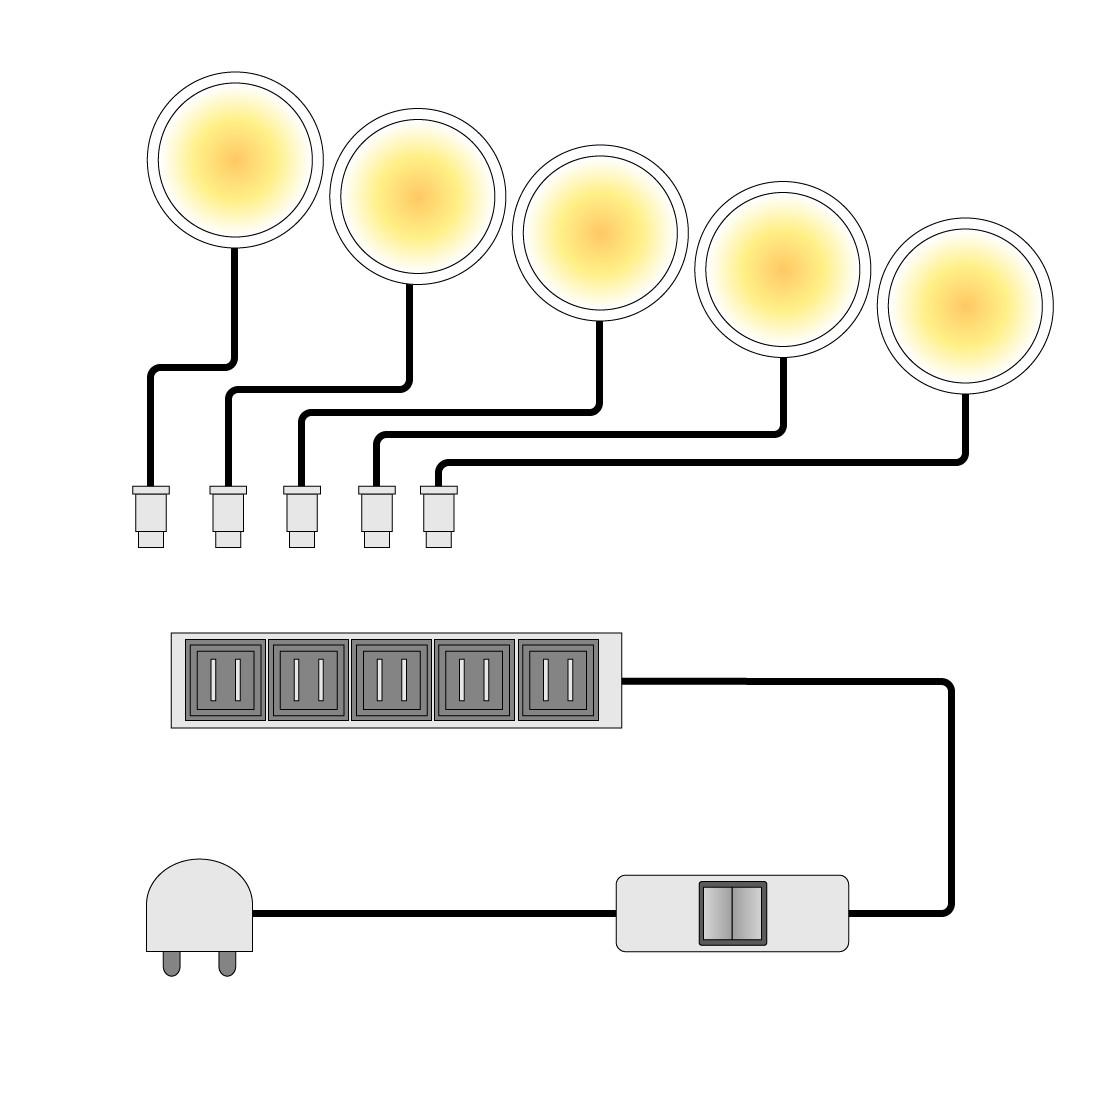 LED-Unterbauspot Glow (5er-Set) | Lampen > Strahler und Systeme > Möbelaufbaustrahler | Siehe shop | Trendteam